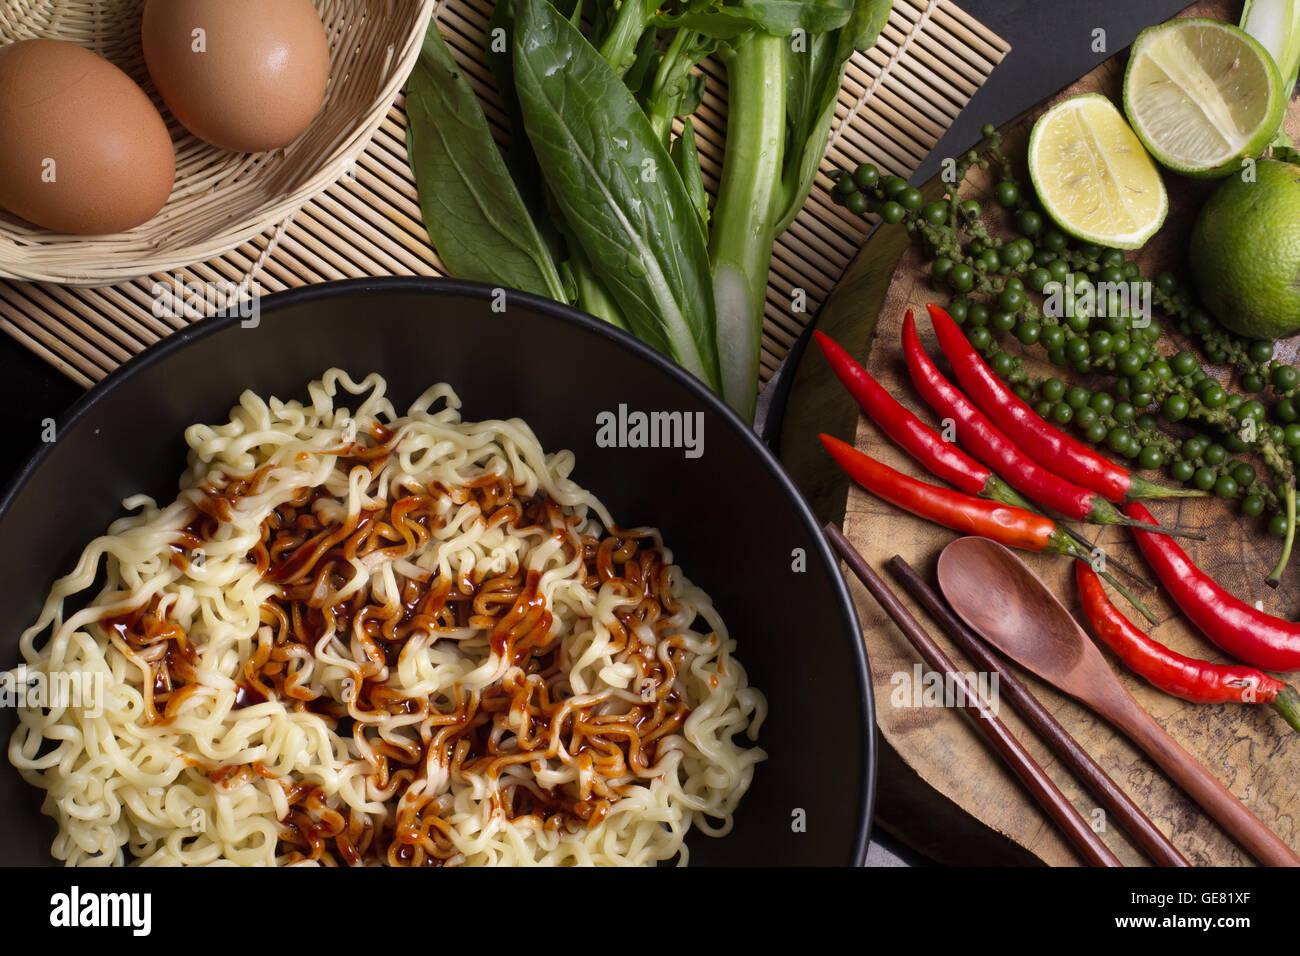 Les nouilles dans un bol noir garnie sur table de cuisine Photo Stock